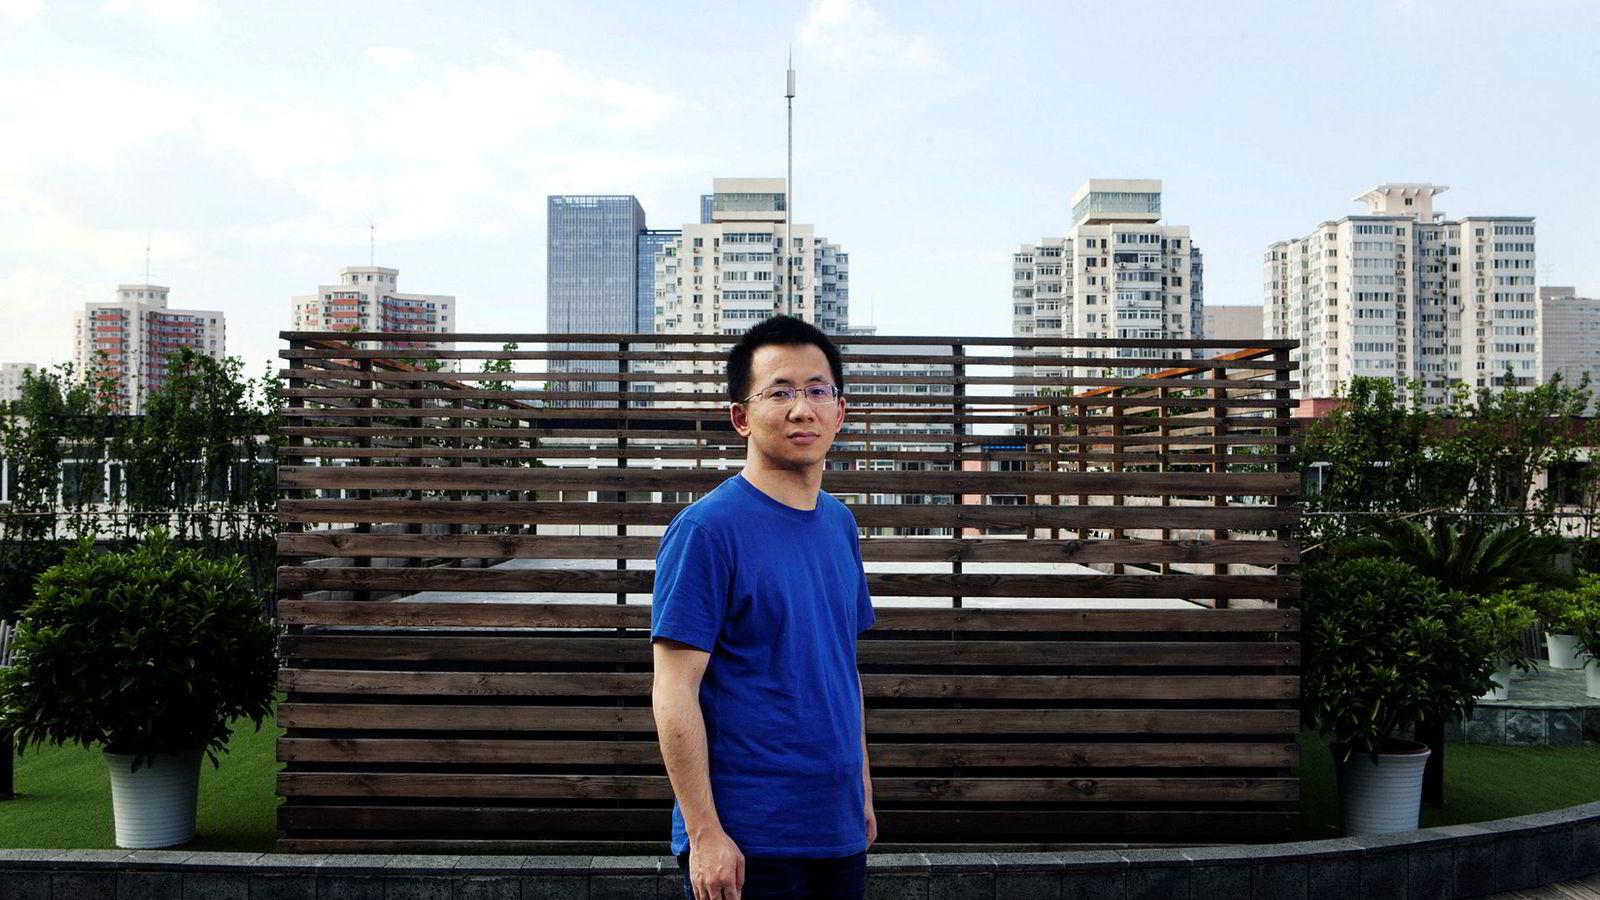 Zhang Yiming står bak det kinesiske teknologiselskapet Bytedance, som har klart å bli et av verdens største internettselskaper. Nå gjør Softbank-grunnlegger Masayoshi Son seg klar til å investere i selskapet.